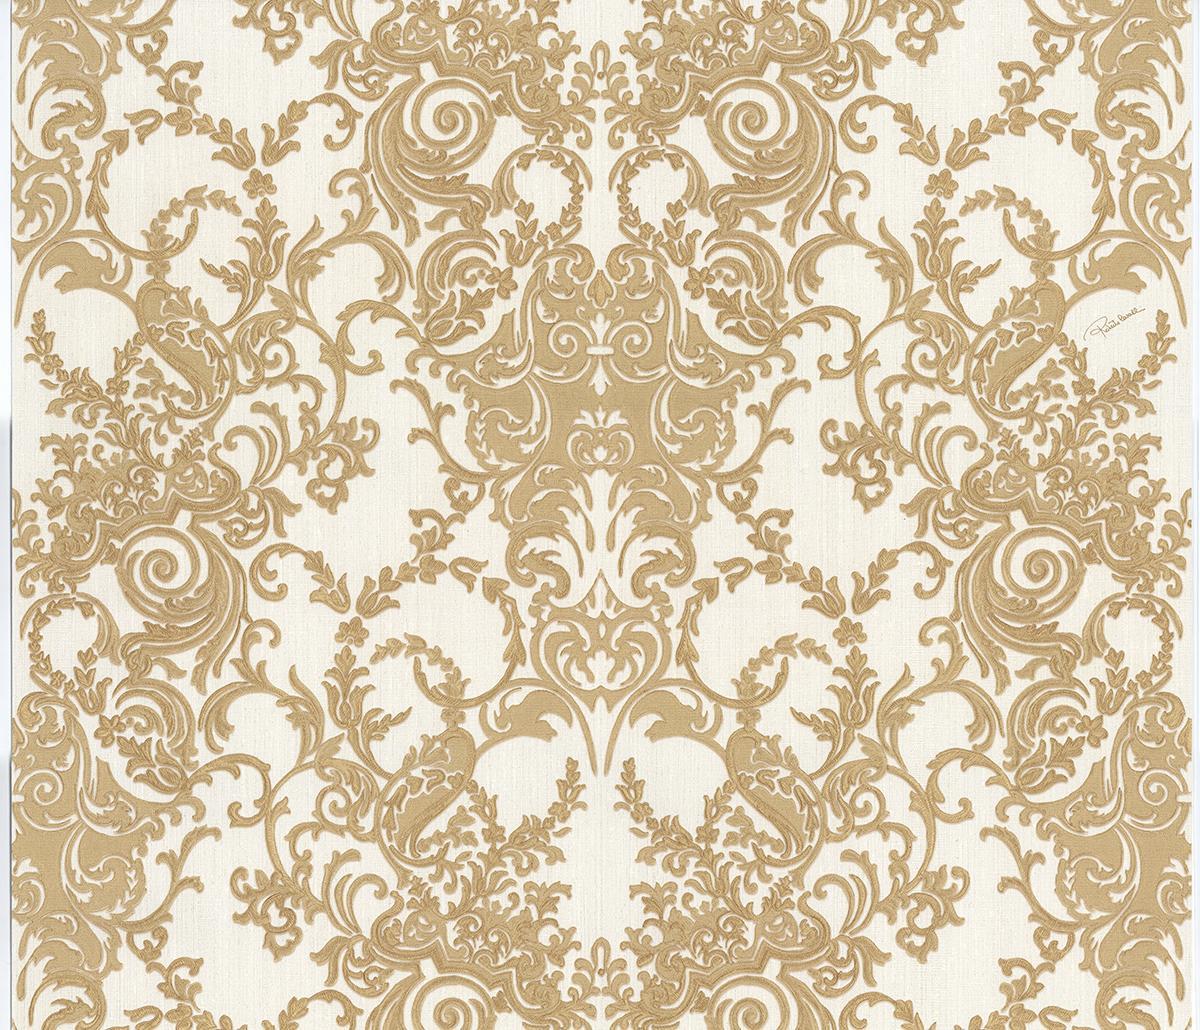 Roberto Cavalli Barocco RC15064 Wallpaper Gold Fashion 1200x1030